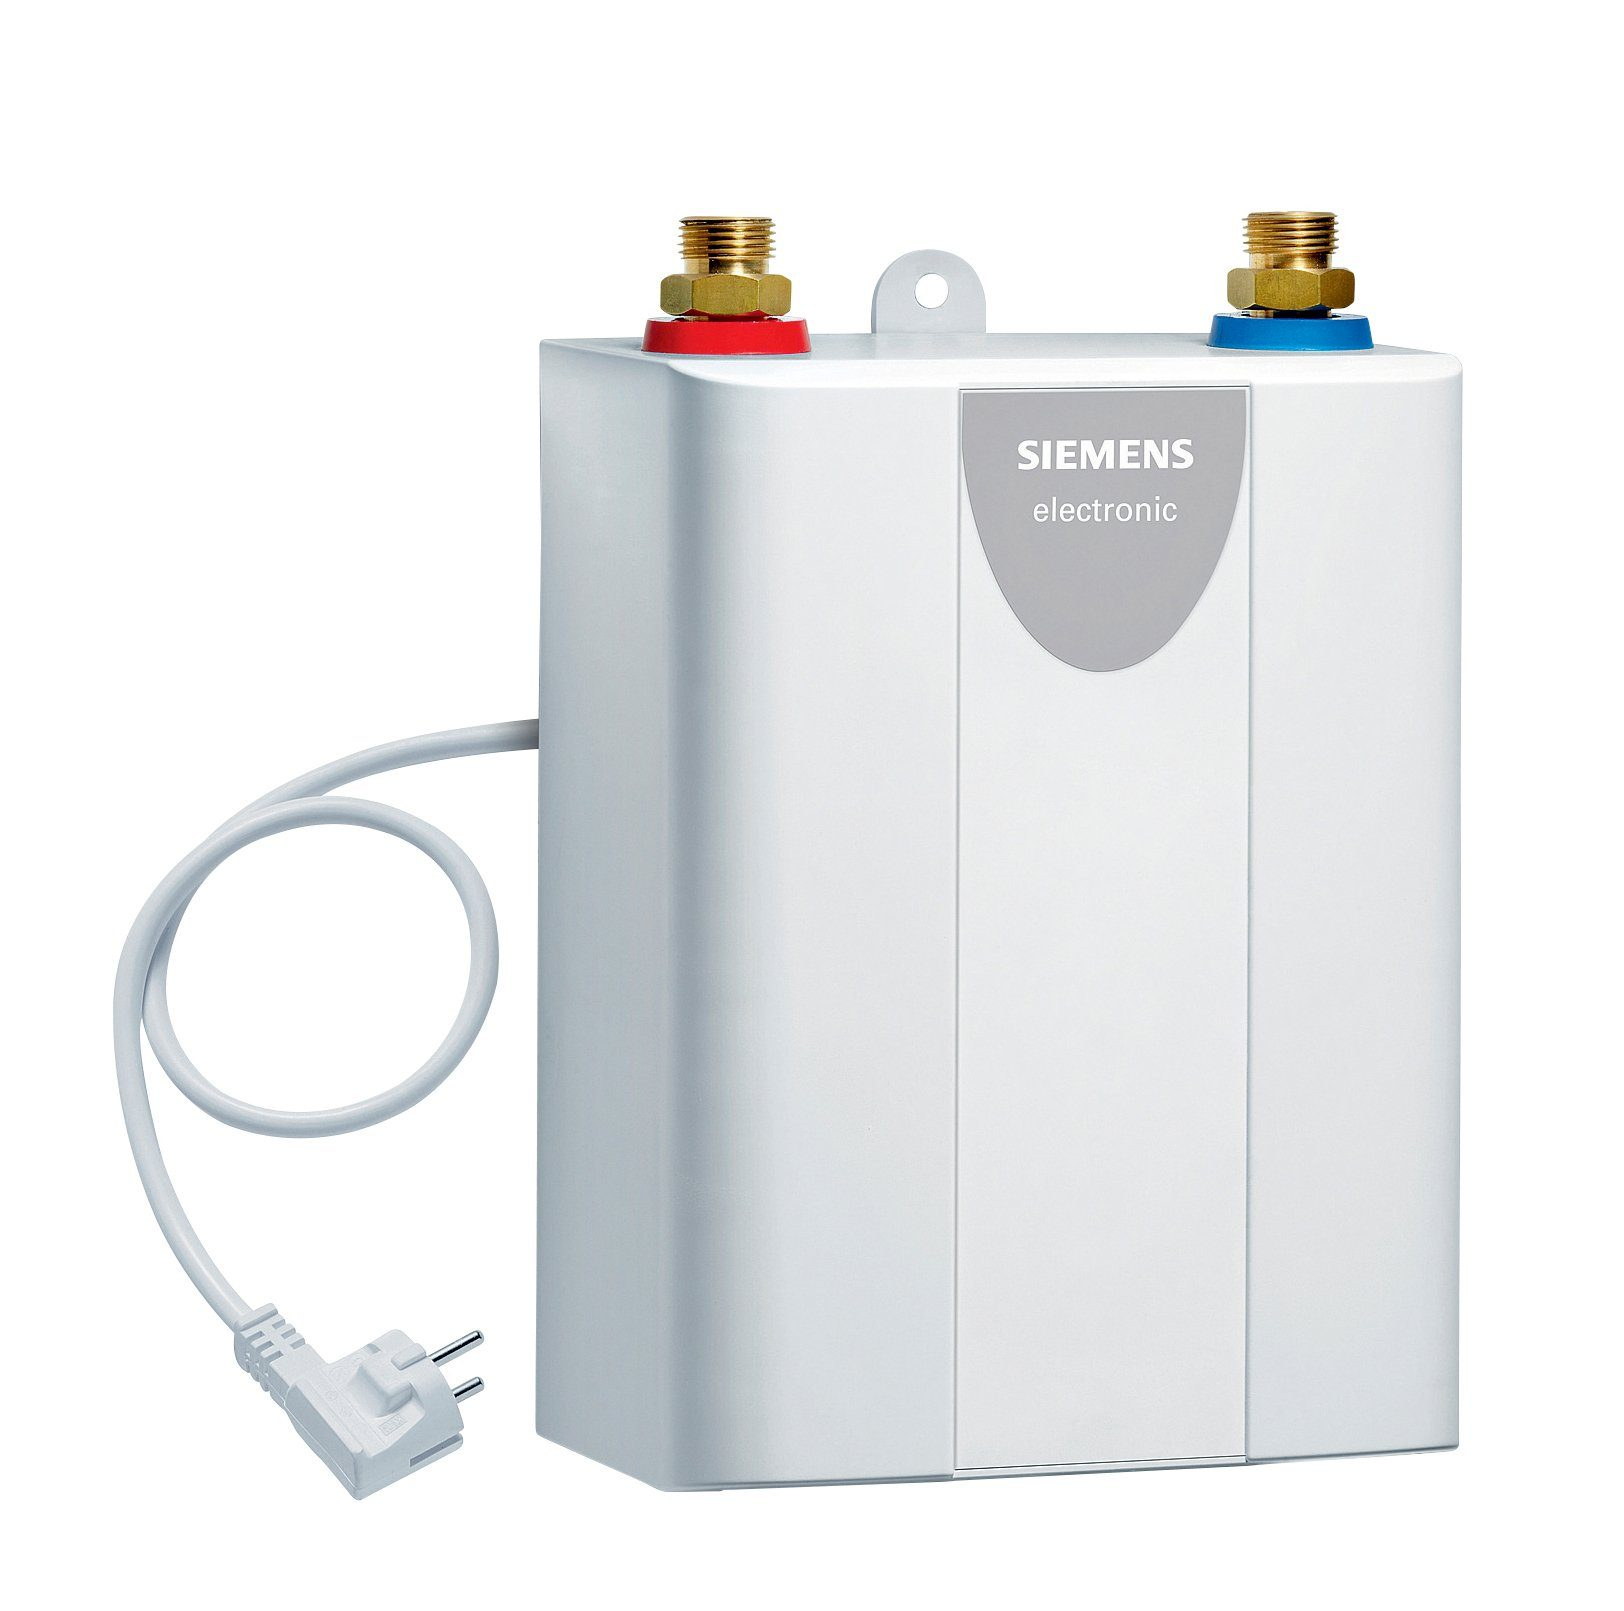 Siemens Kleindurchlauferhitzer »Siemens DE10104«